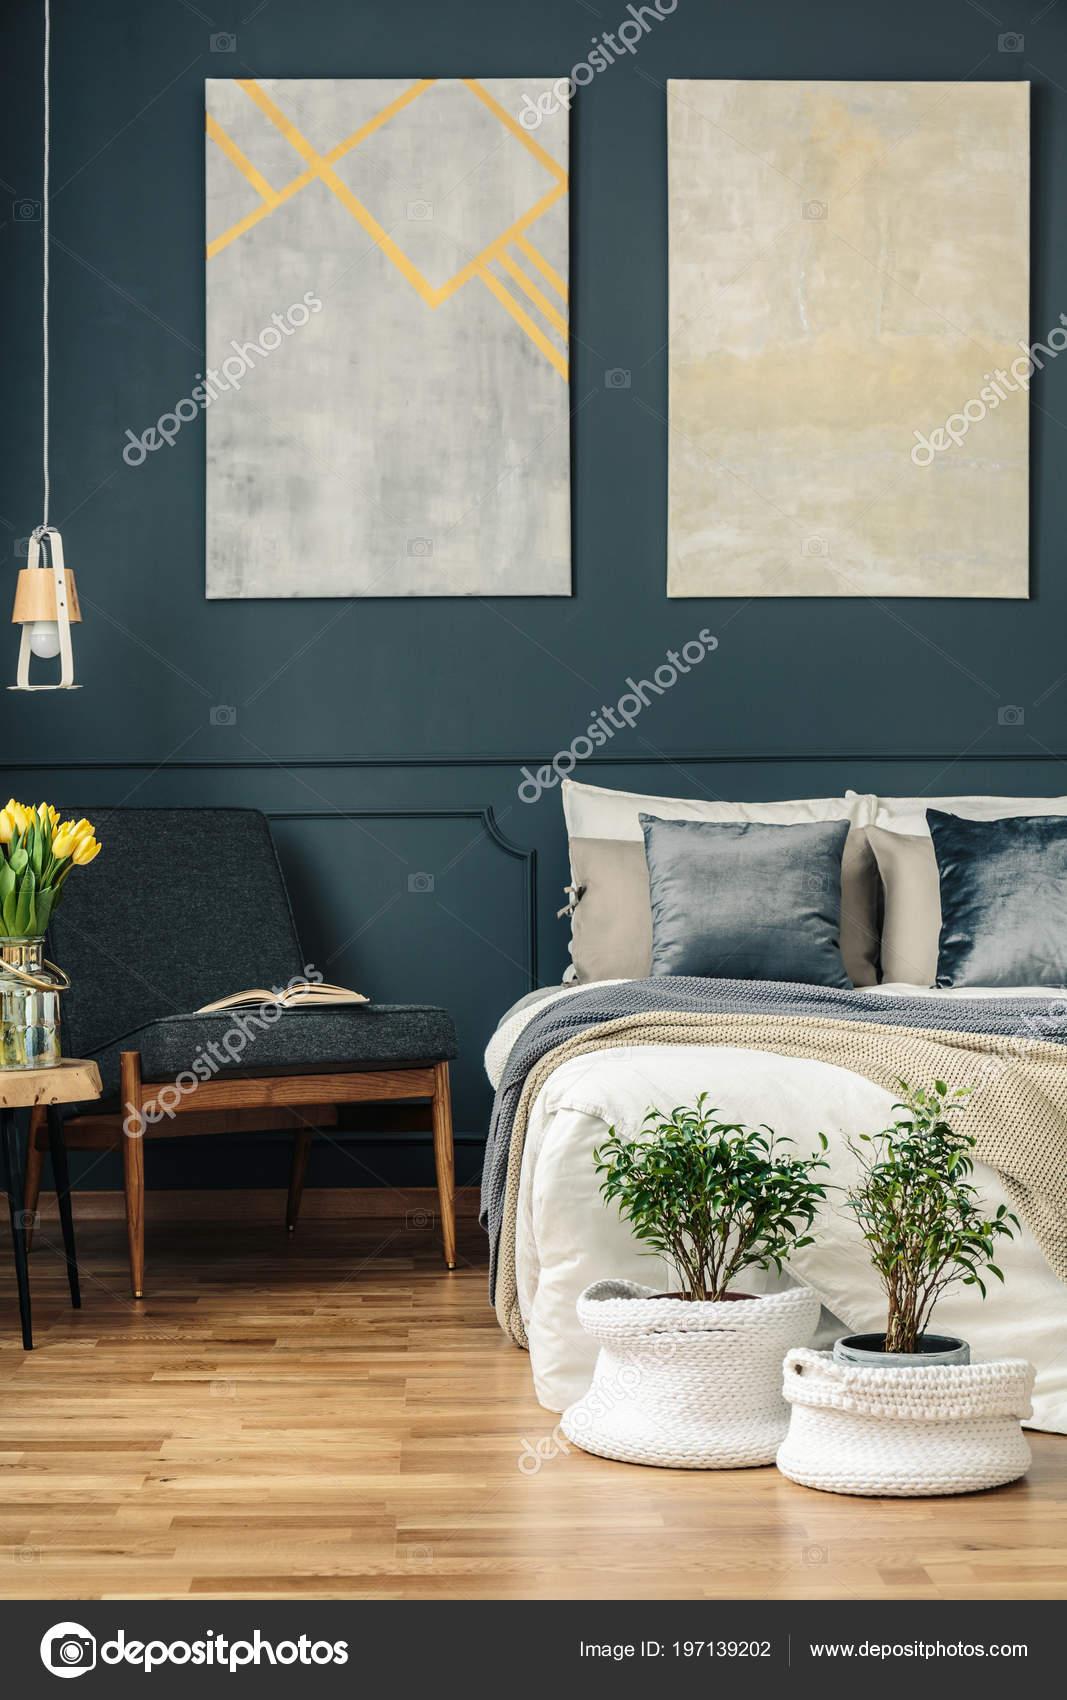 Vintage Slaapkamer Interieur Met Fauteuil Bed Bloemen Planten ...